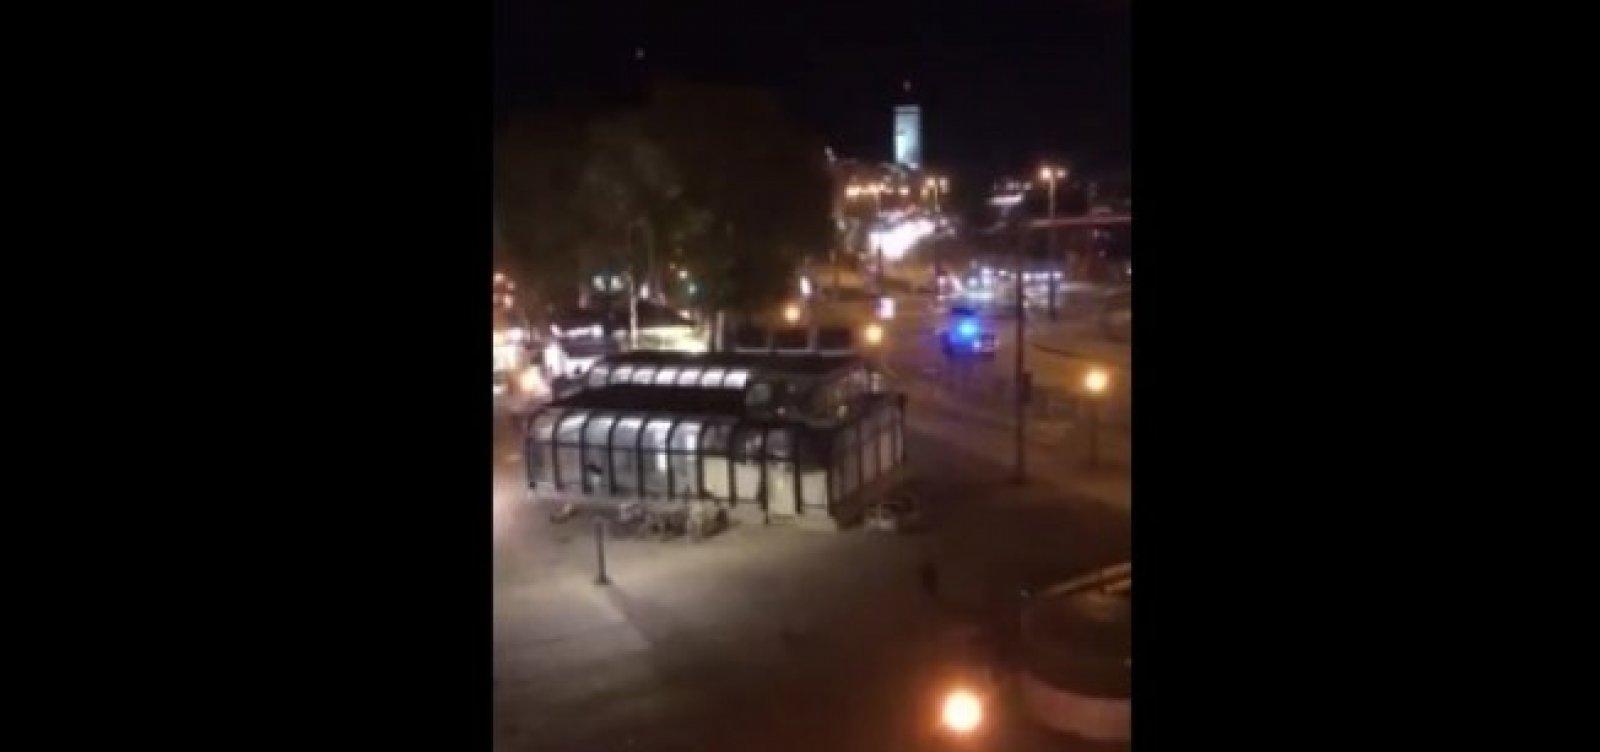 Atentado terrorista em Viena deixa quatro mortos